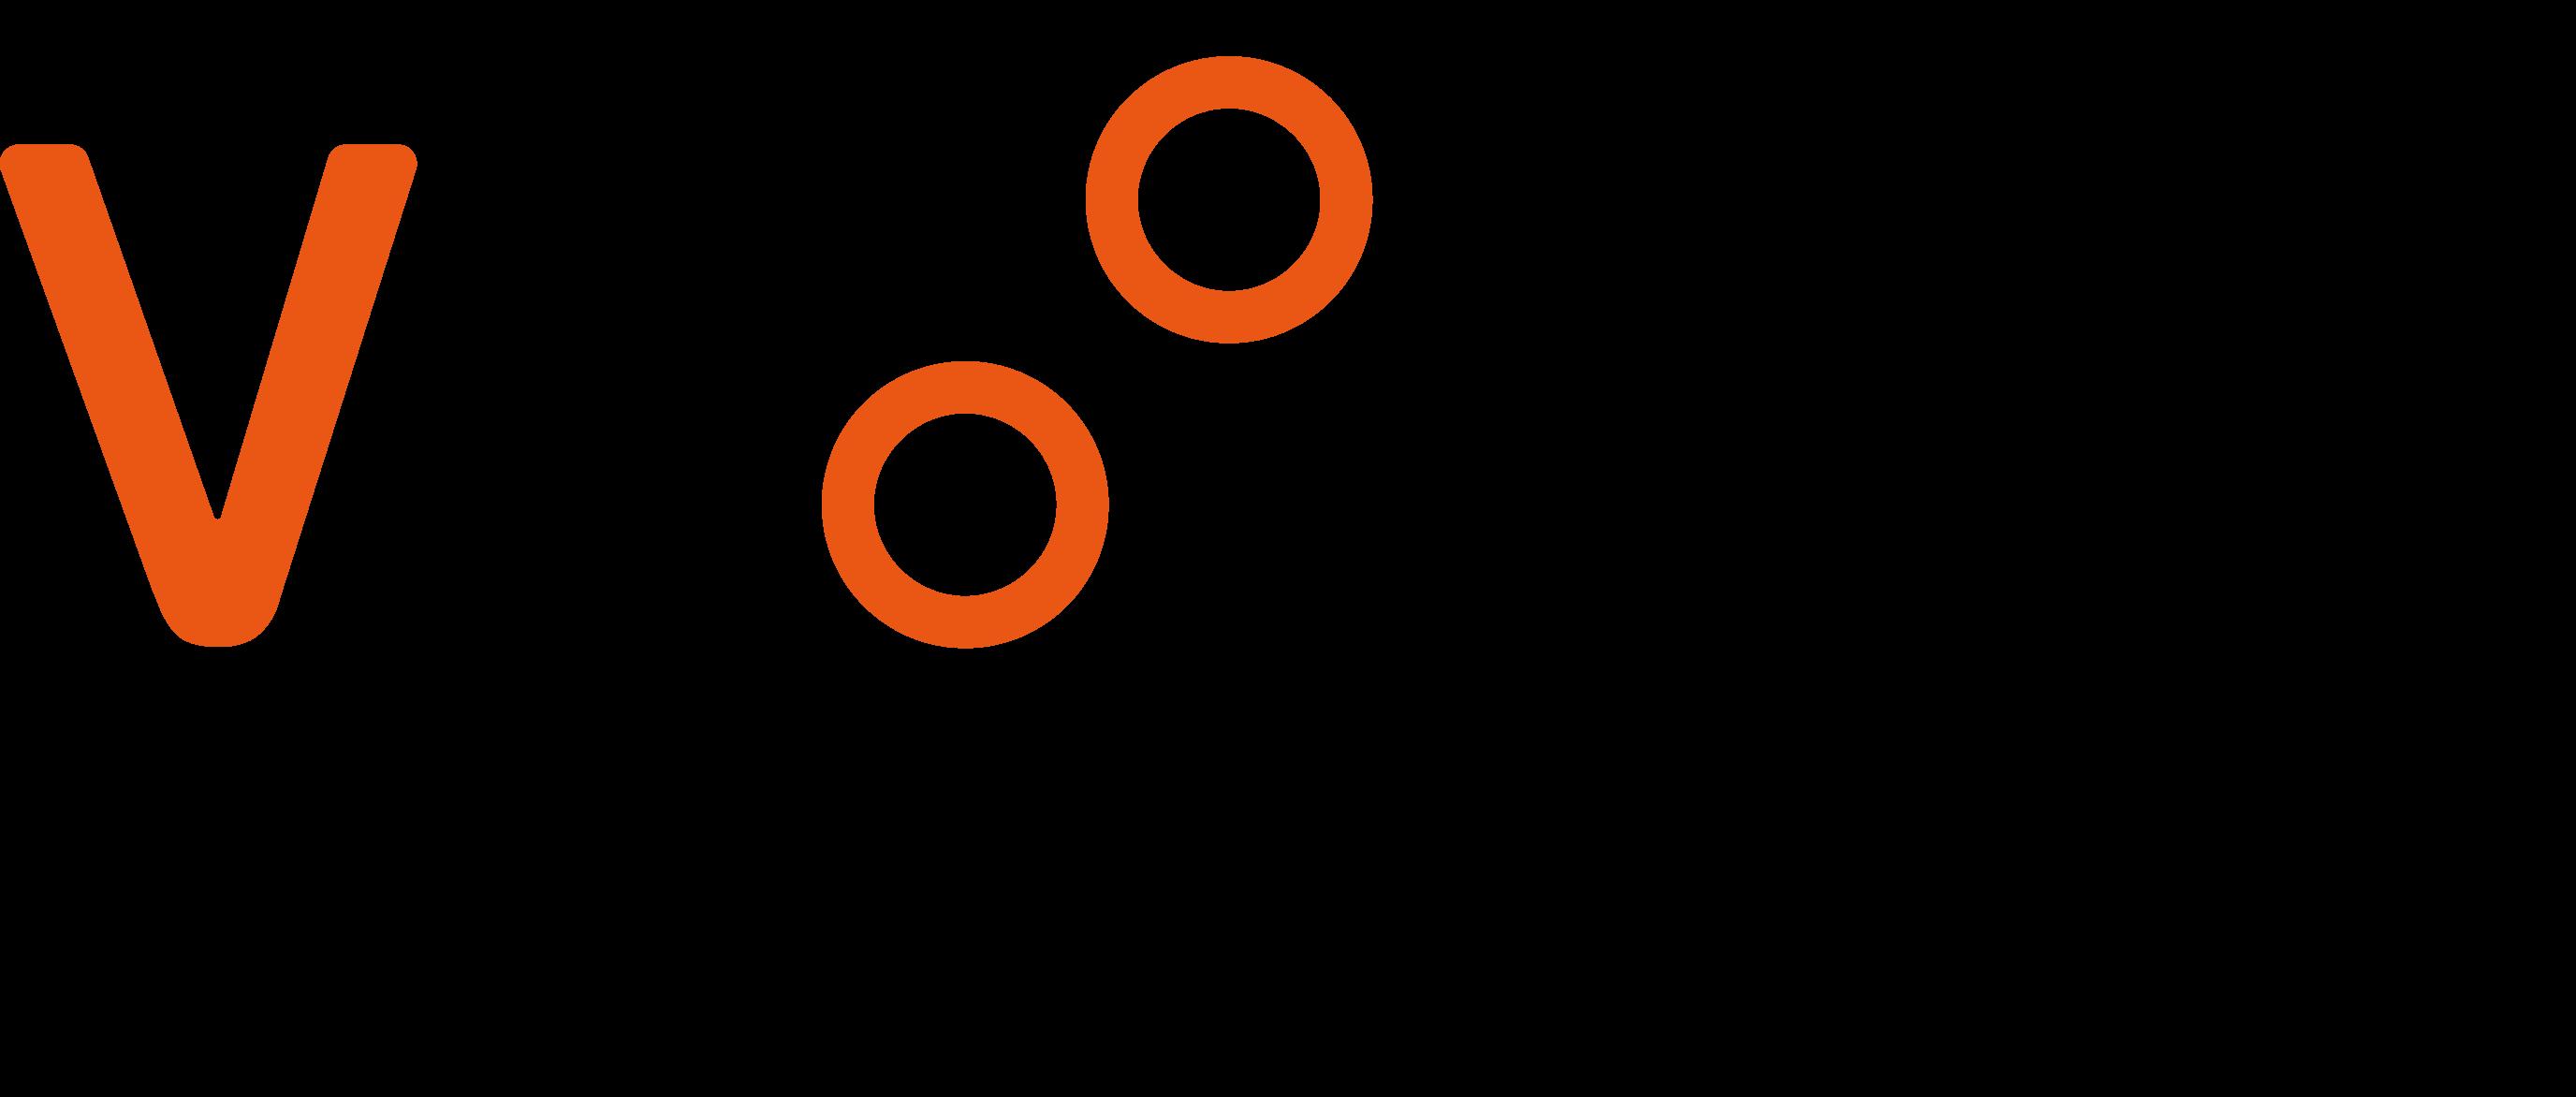 Logo-Velopedia